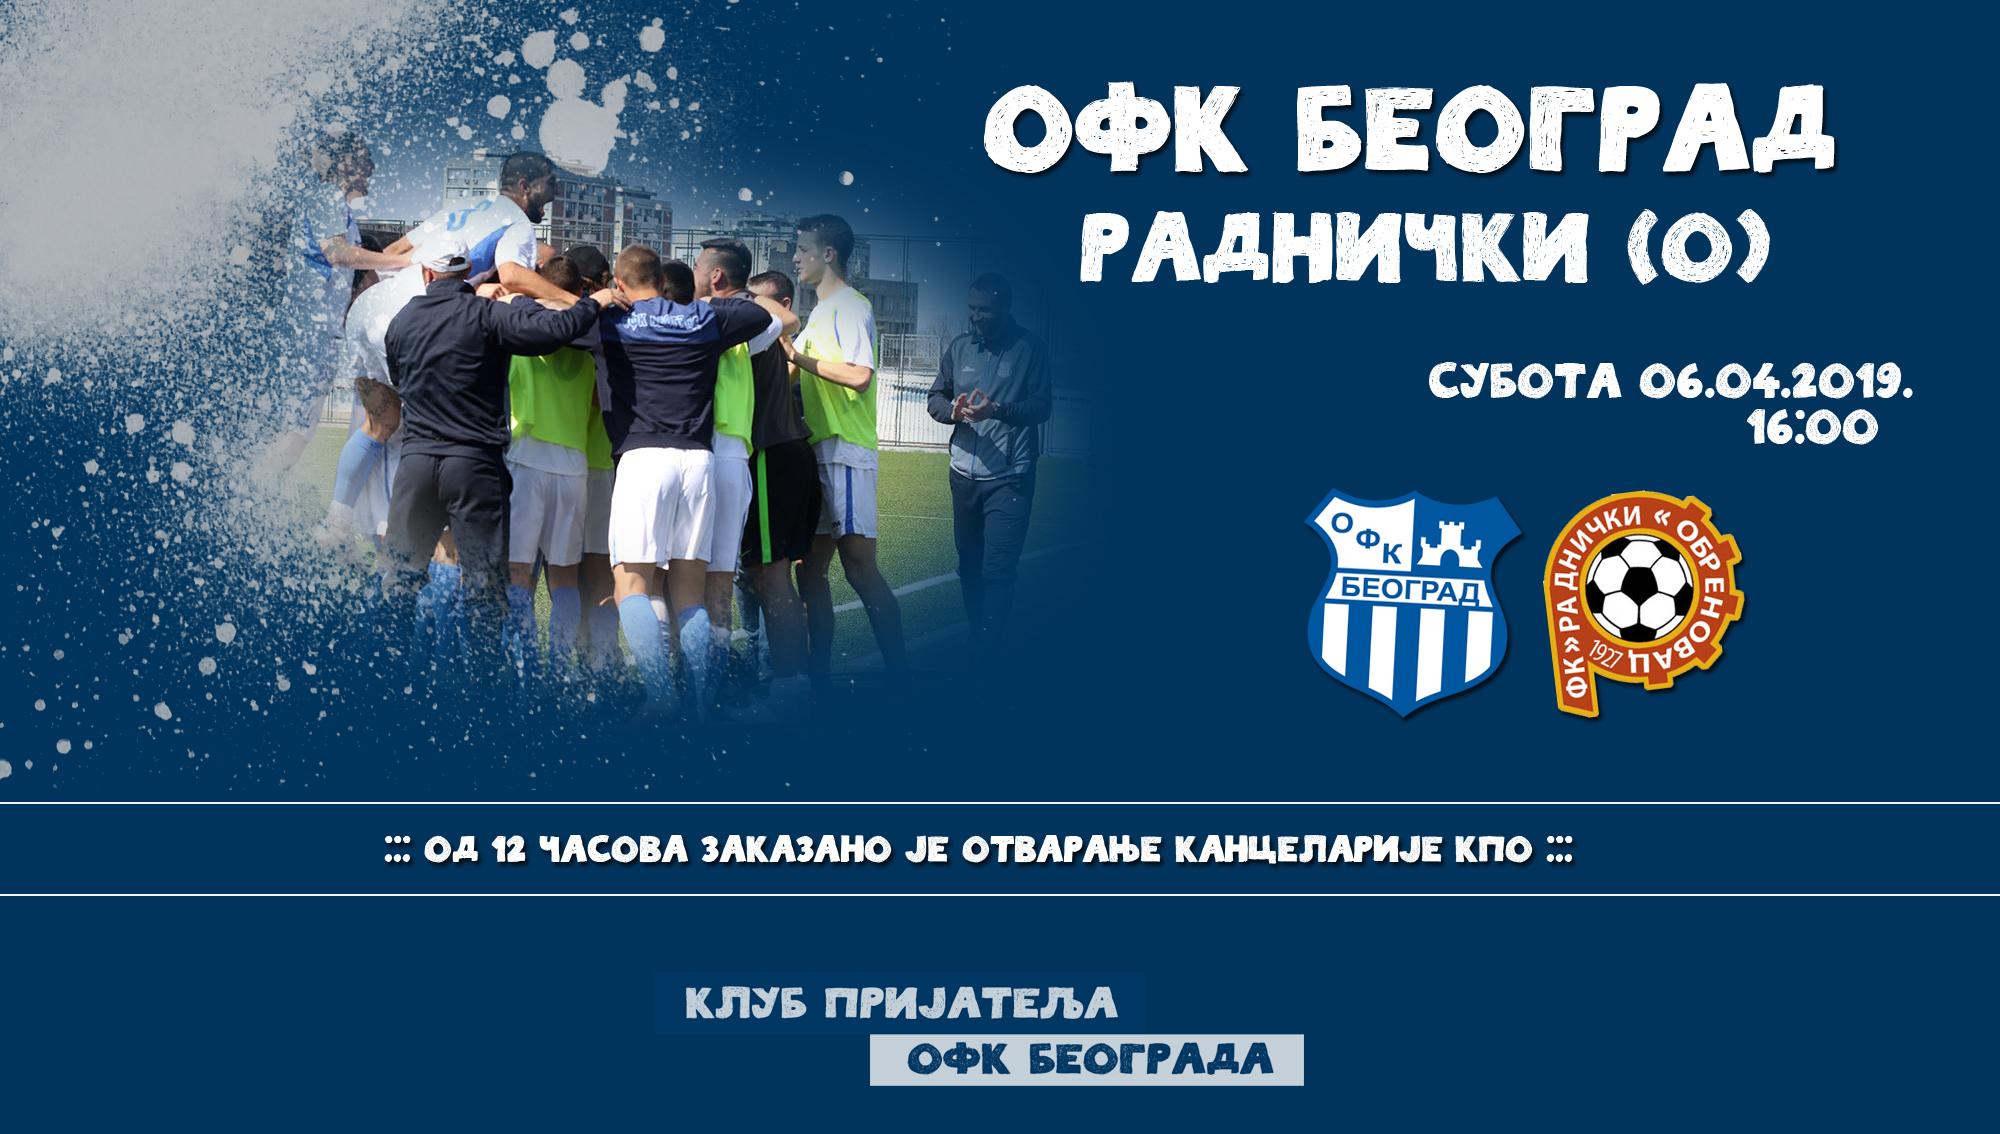 Отварање канцеларије КПО пред утакмицу против Радничког